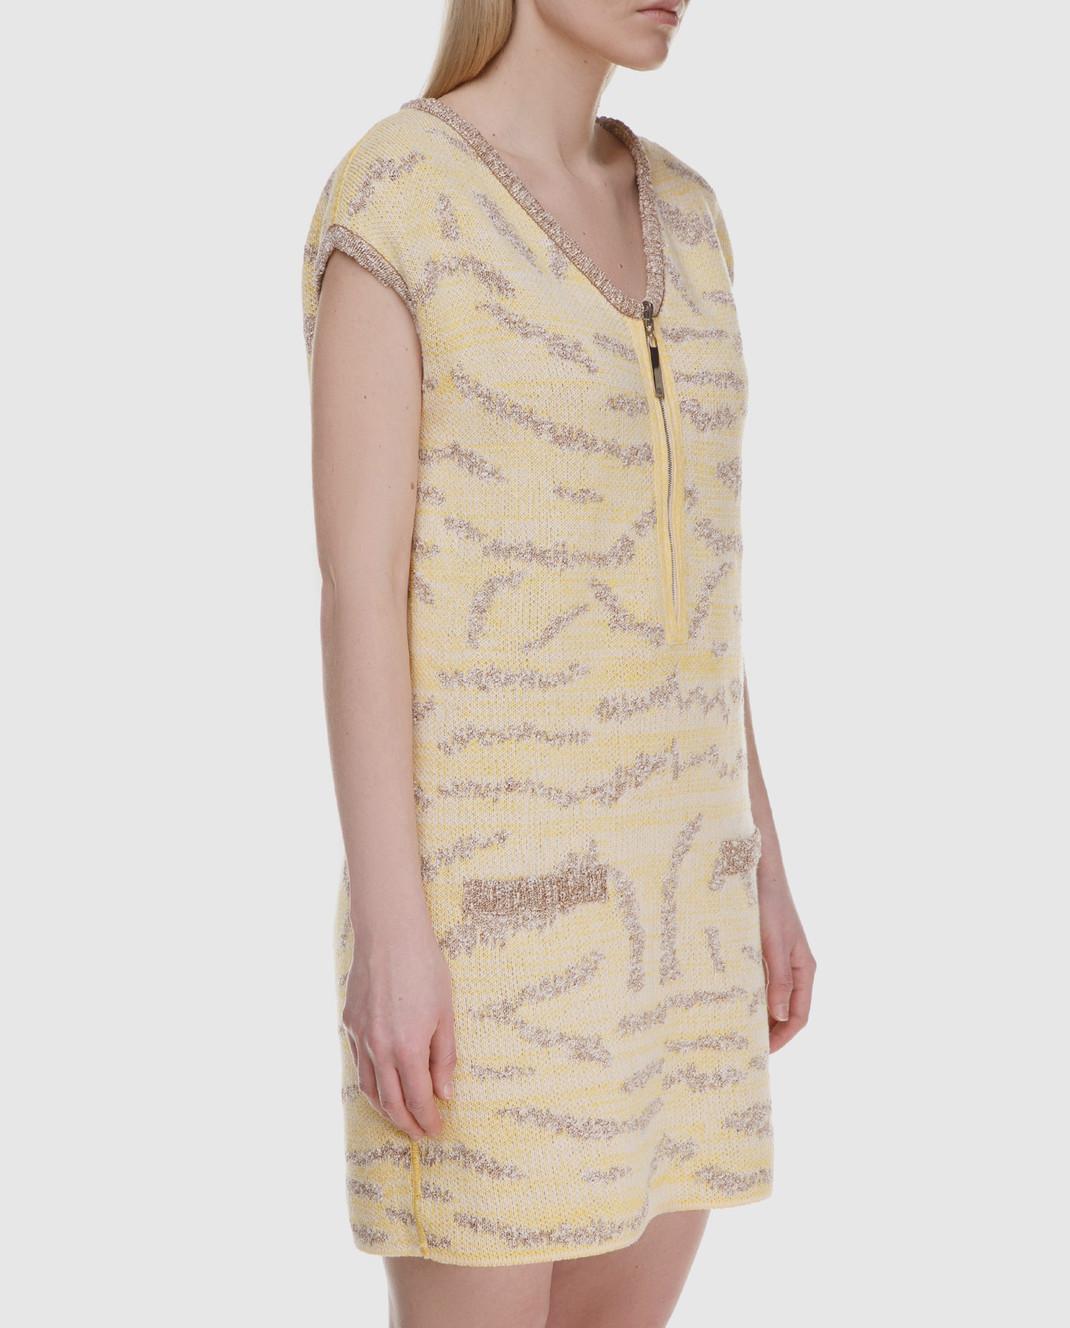 Maison Ullens Двустороннее платье DRE070 изображение 5